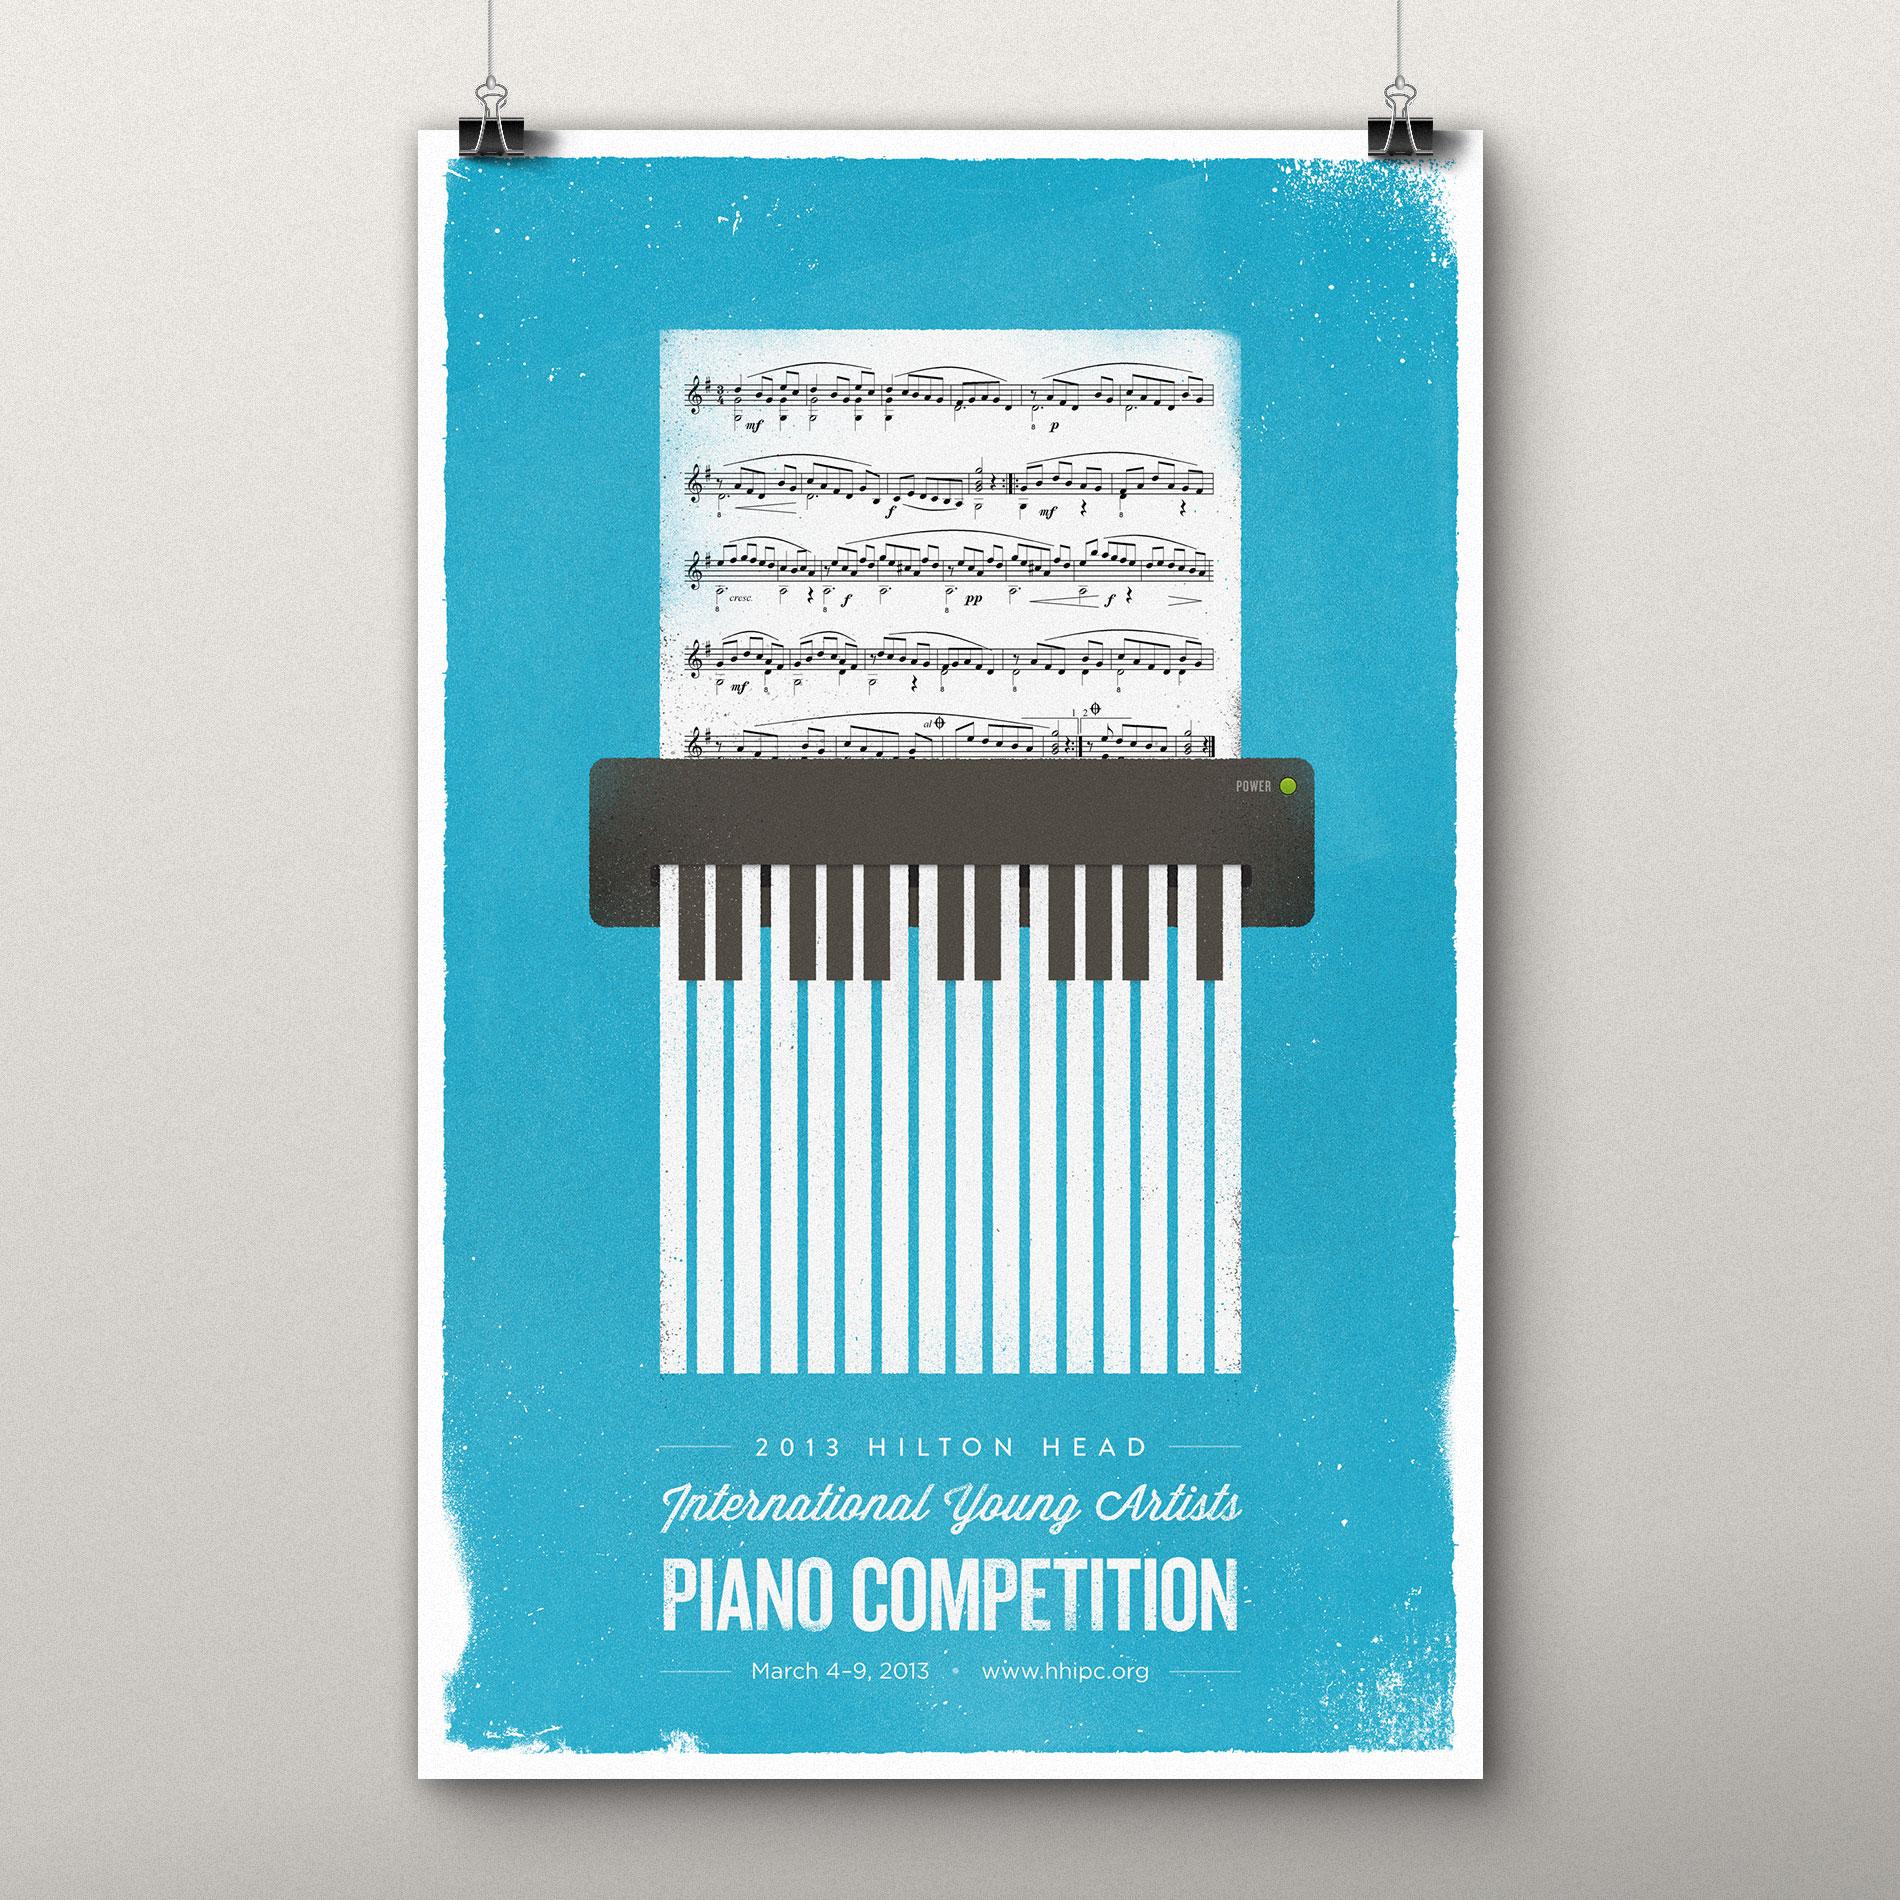 Hilton Head Piano Competition